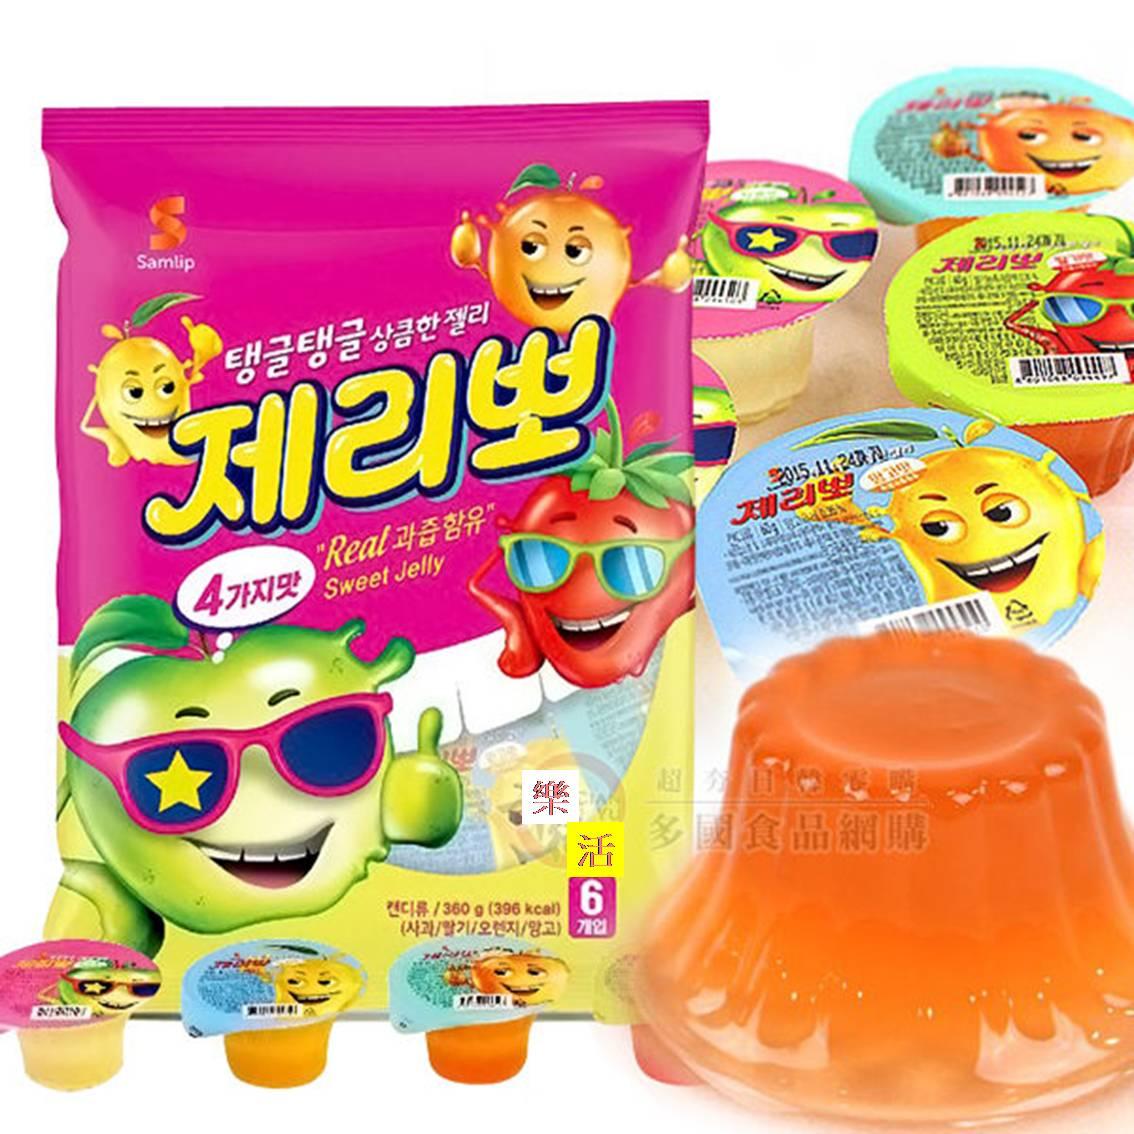 韓國 Samlip 水果果凍 綜合口味12入 樂活 館 ~  好康折扣